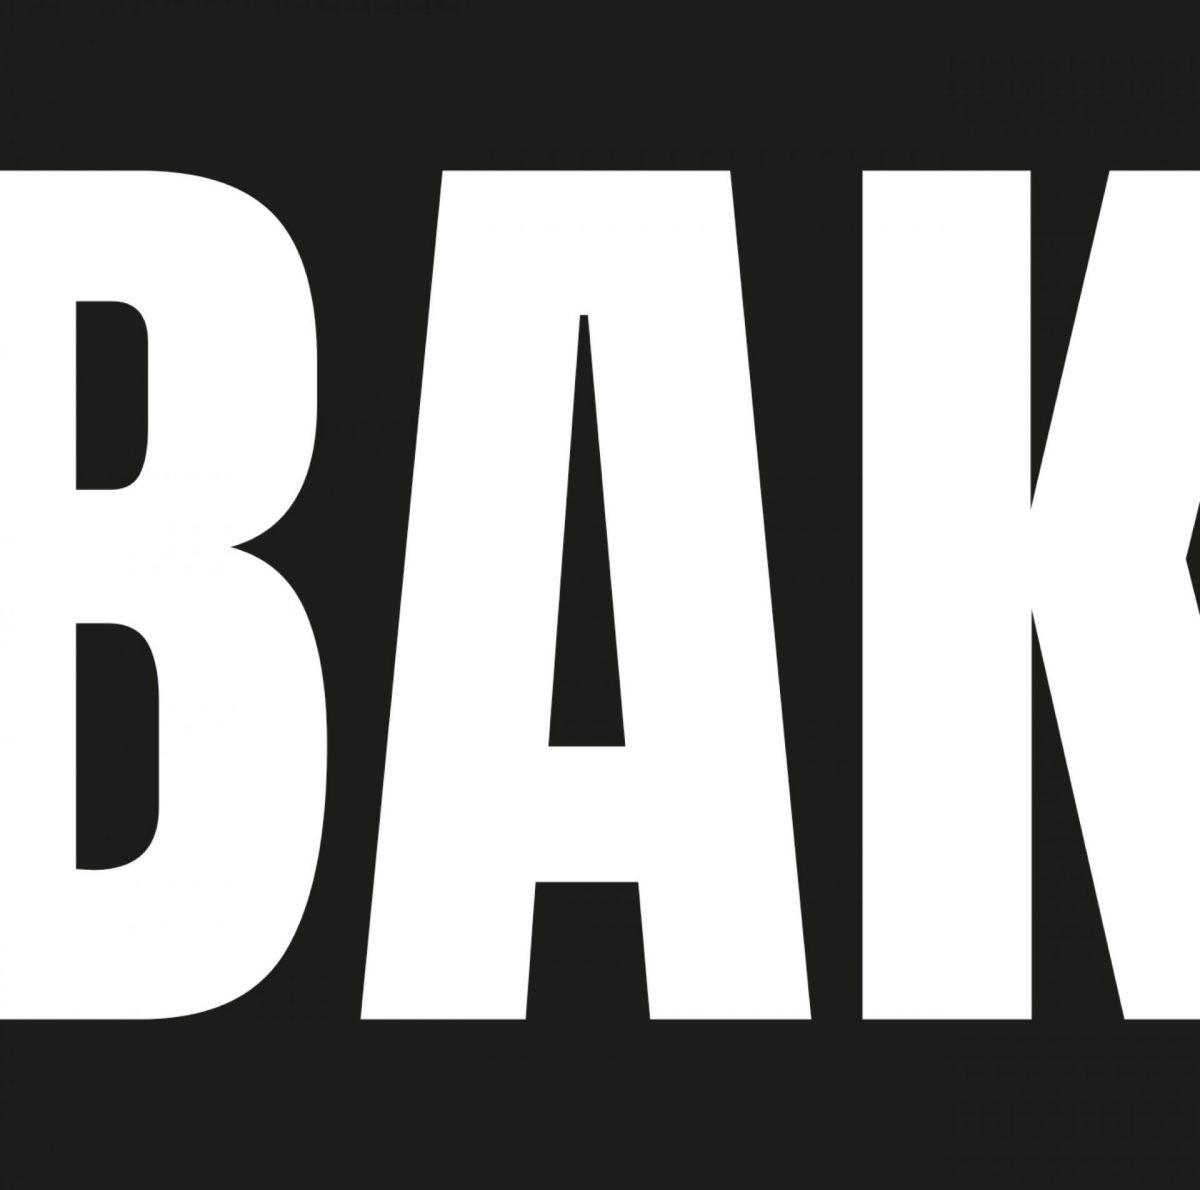 Naming, logo, conseil et stratégie. Création de logo, mise en place d'une image de marque, modernisation. Carte de visite, signéltique